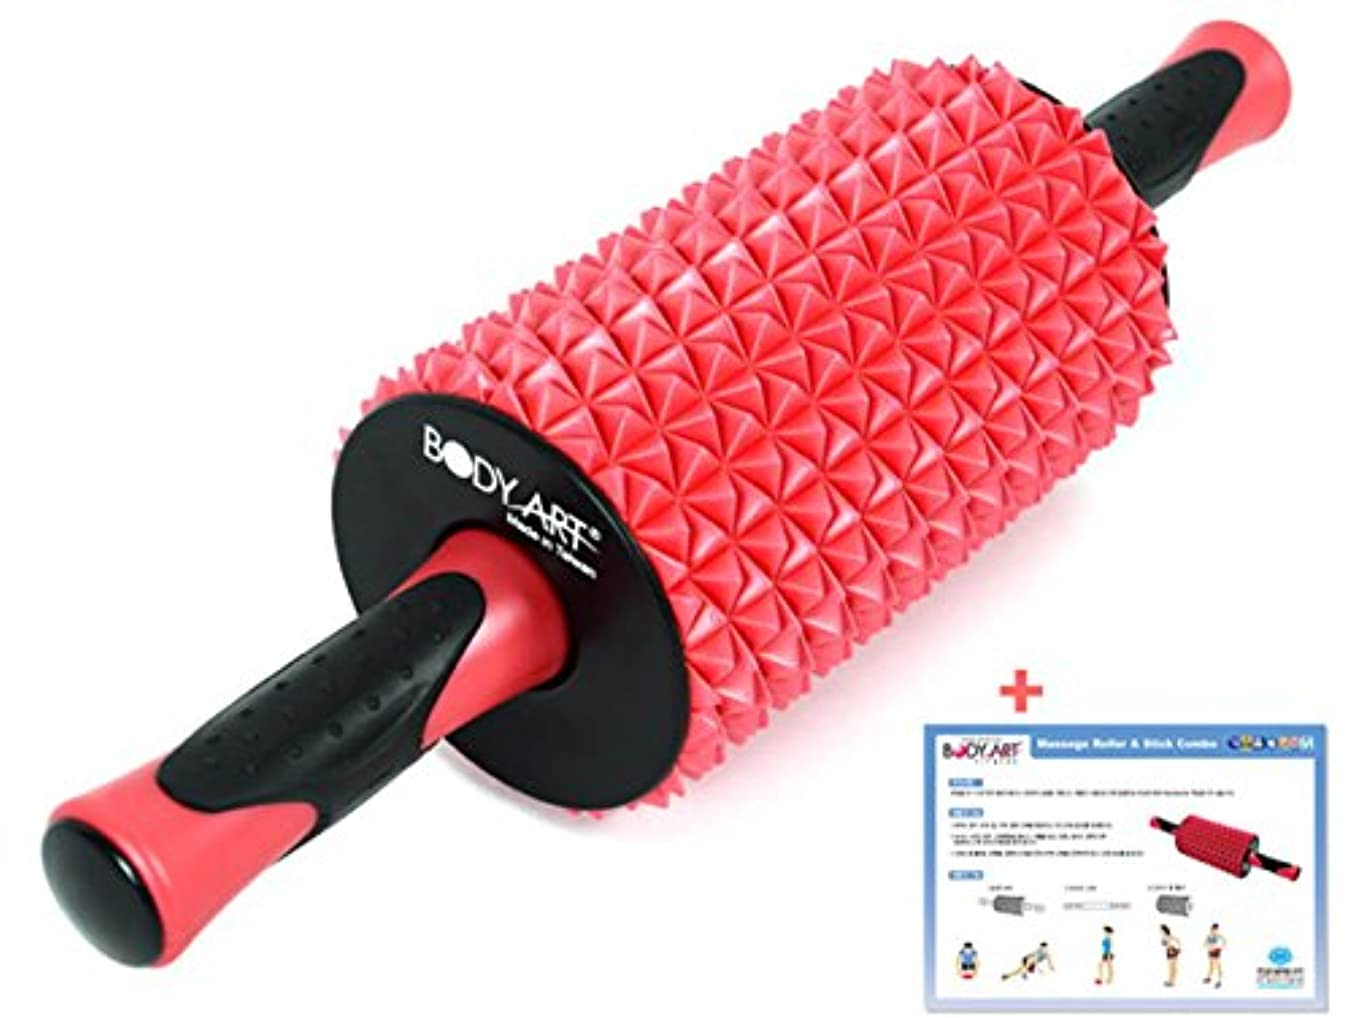 賢明なローラー羽Body Art マッサージ フォームローラー スティックコンボ 全身運動 マッサージ機構 身体のバランスの強化 リハビリ運動器具 海外直送品 (Massage Foam Roller Stick Combo Full...